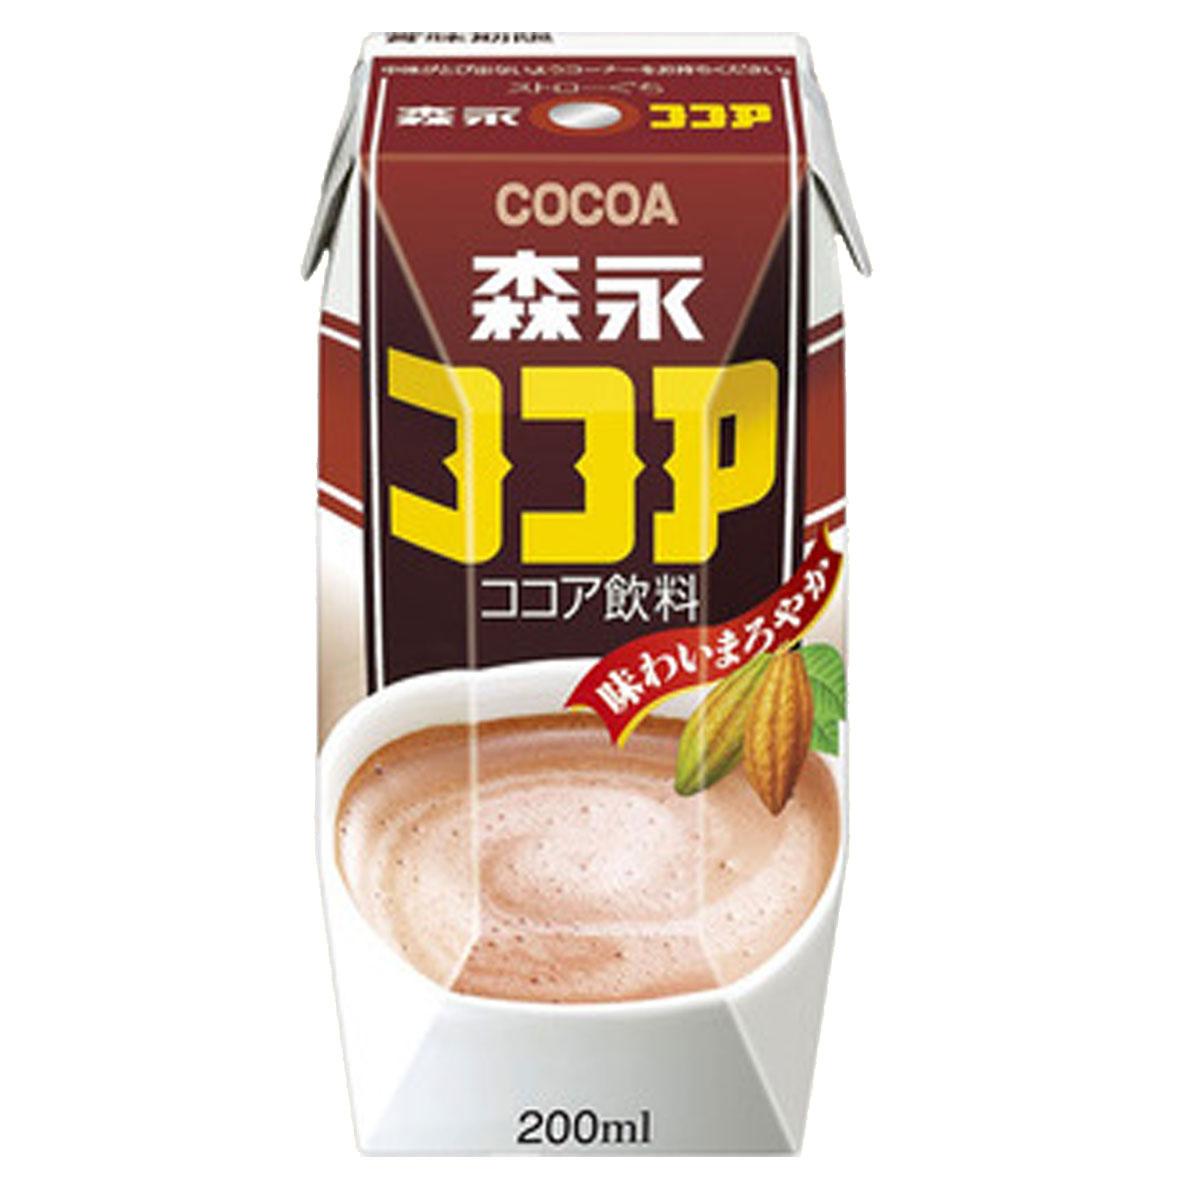 【2点購入で送料無料】 森永ココア (紙パック) 200ml×12本